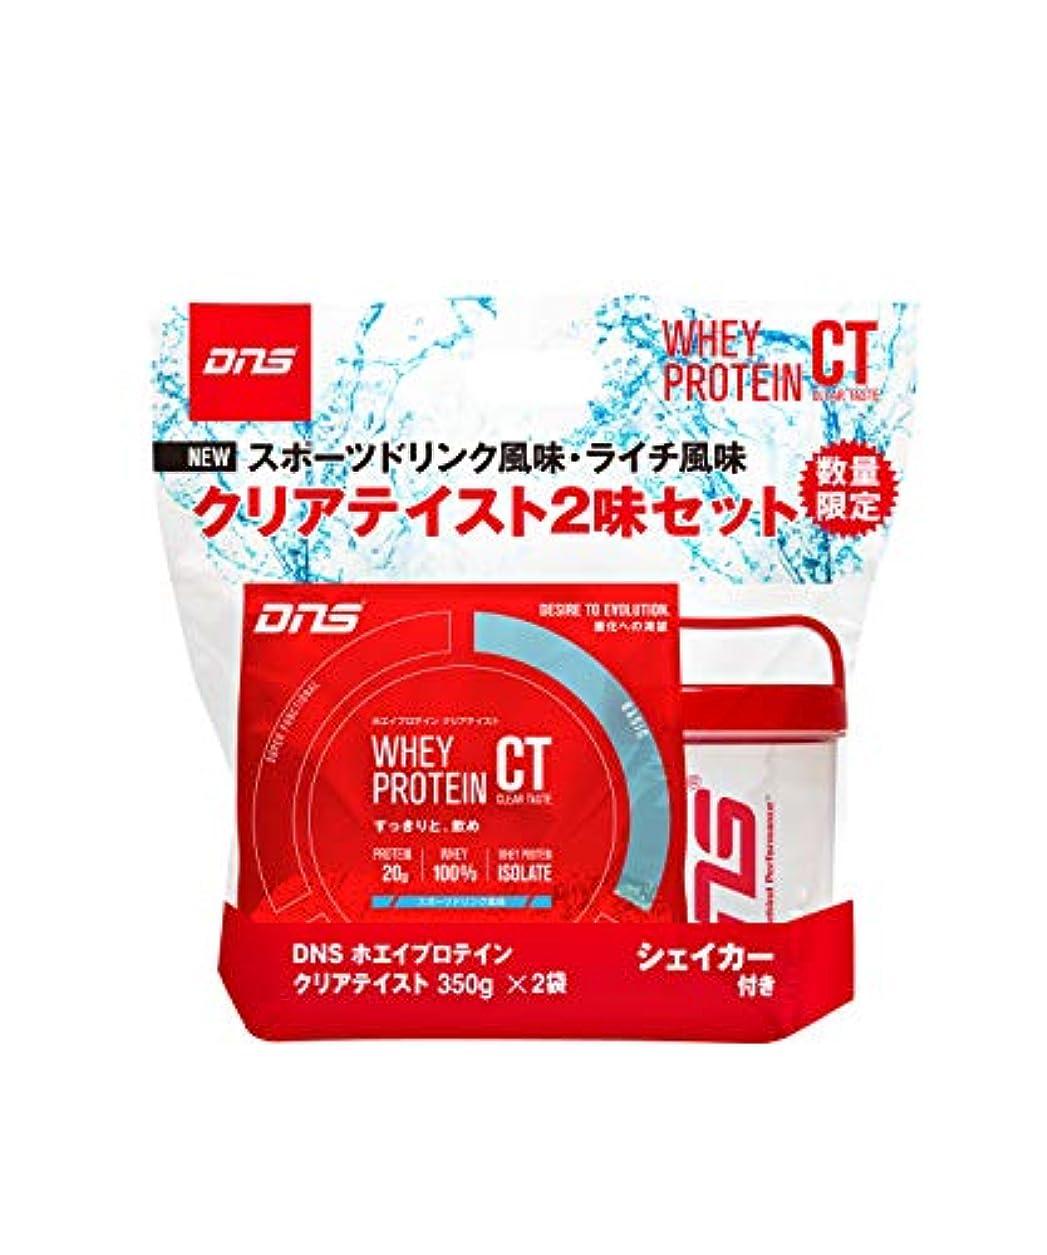 識別する香り不適当DNS 2個セット+ハンディシェイカー付き 350g袋×2 スポーツドリンク&ライチ風味 ホエイプロテインクリアテイスト ホエイプロテインCT